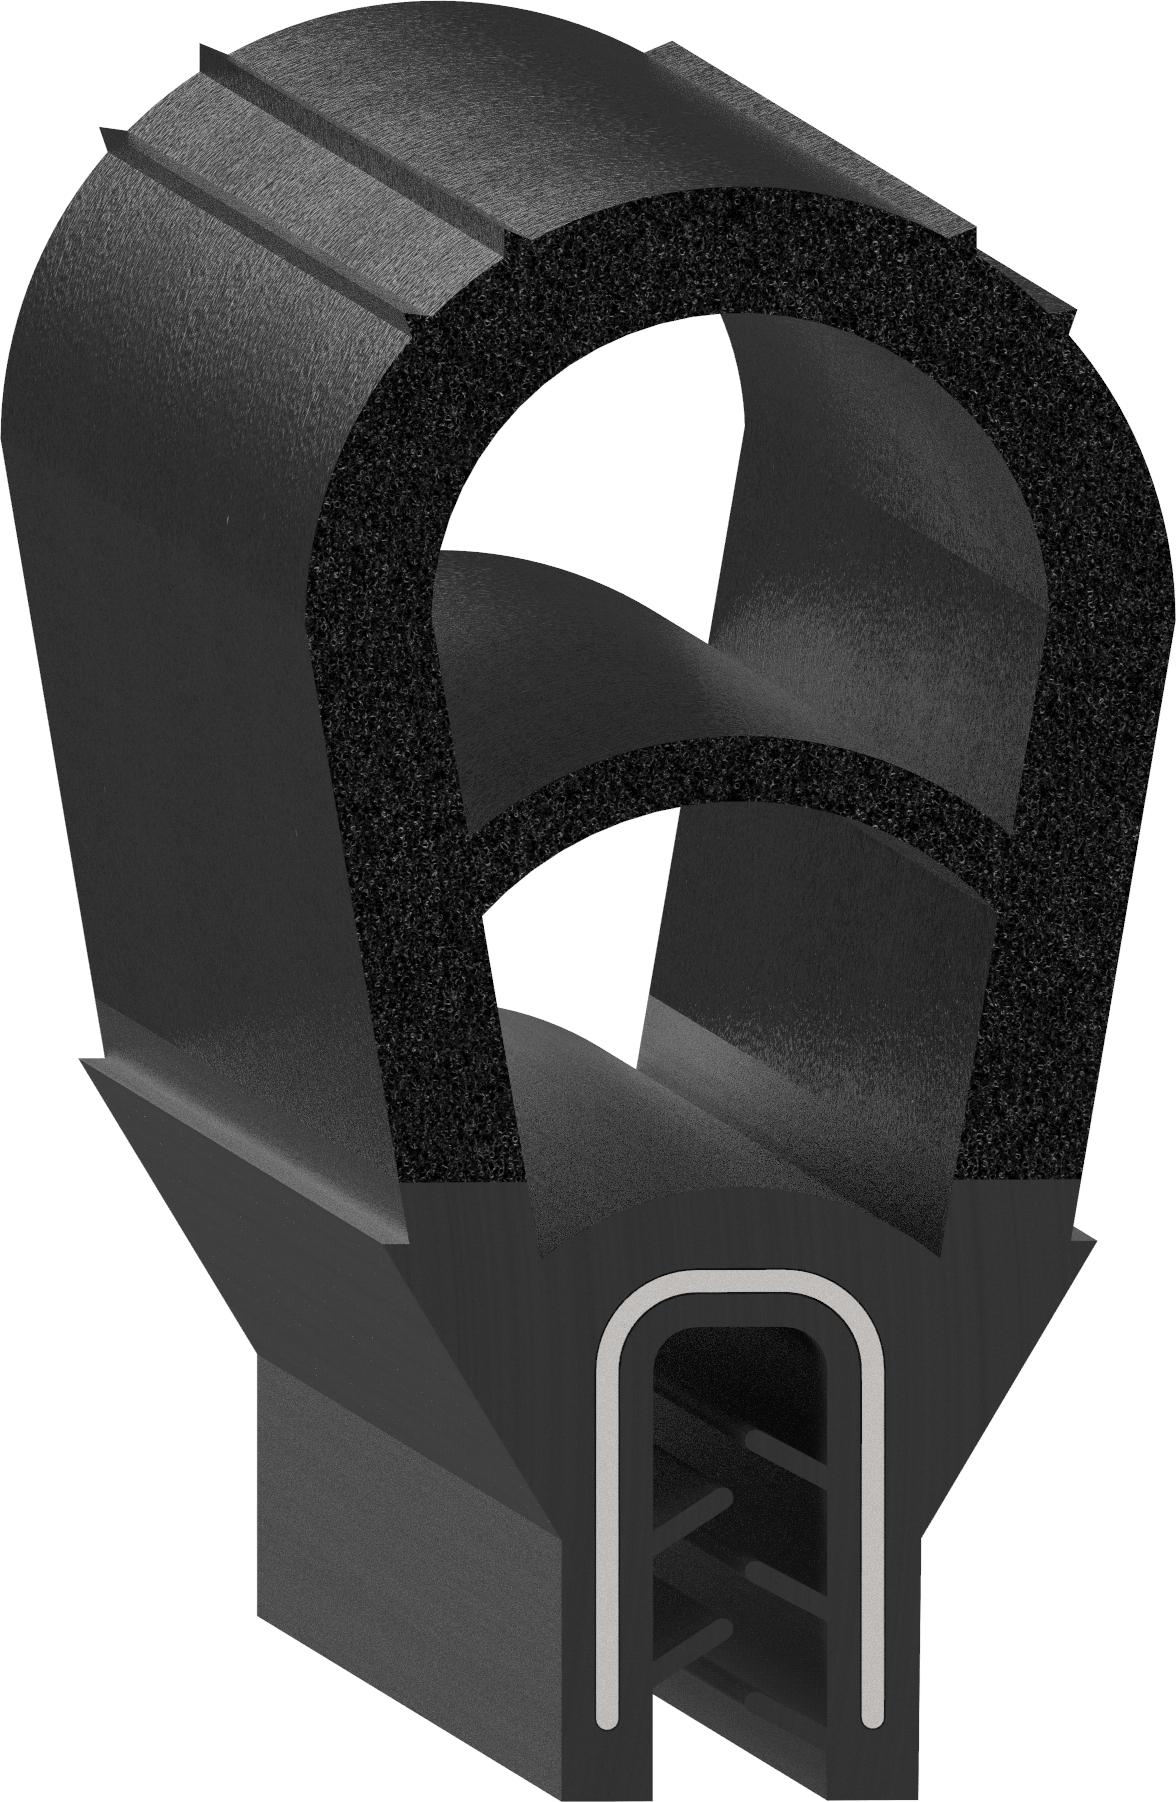 Uni-Grip part: SD-12170